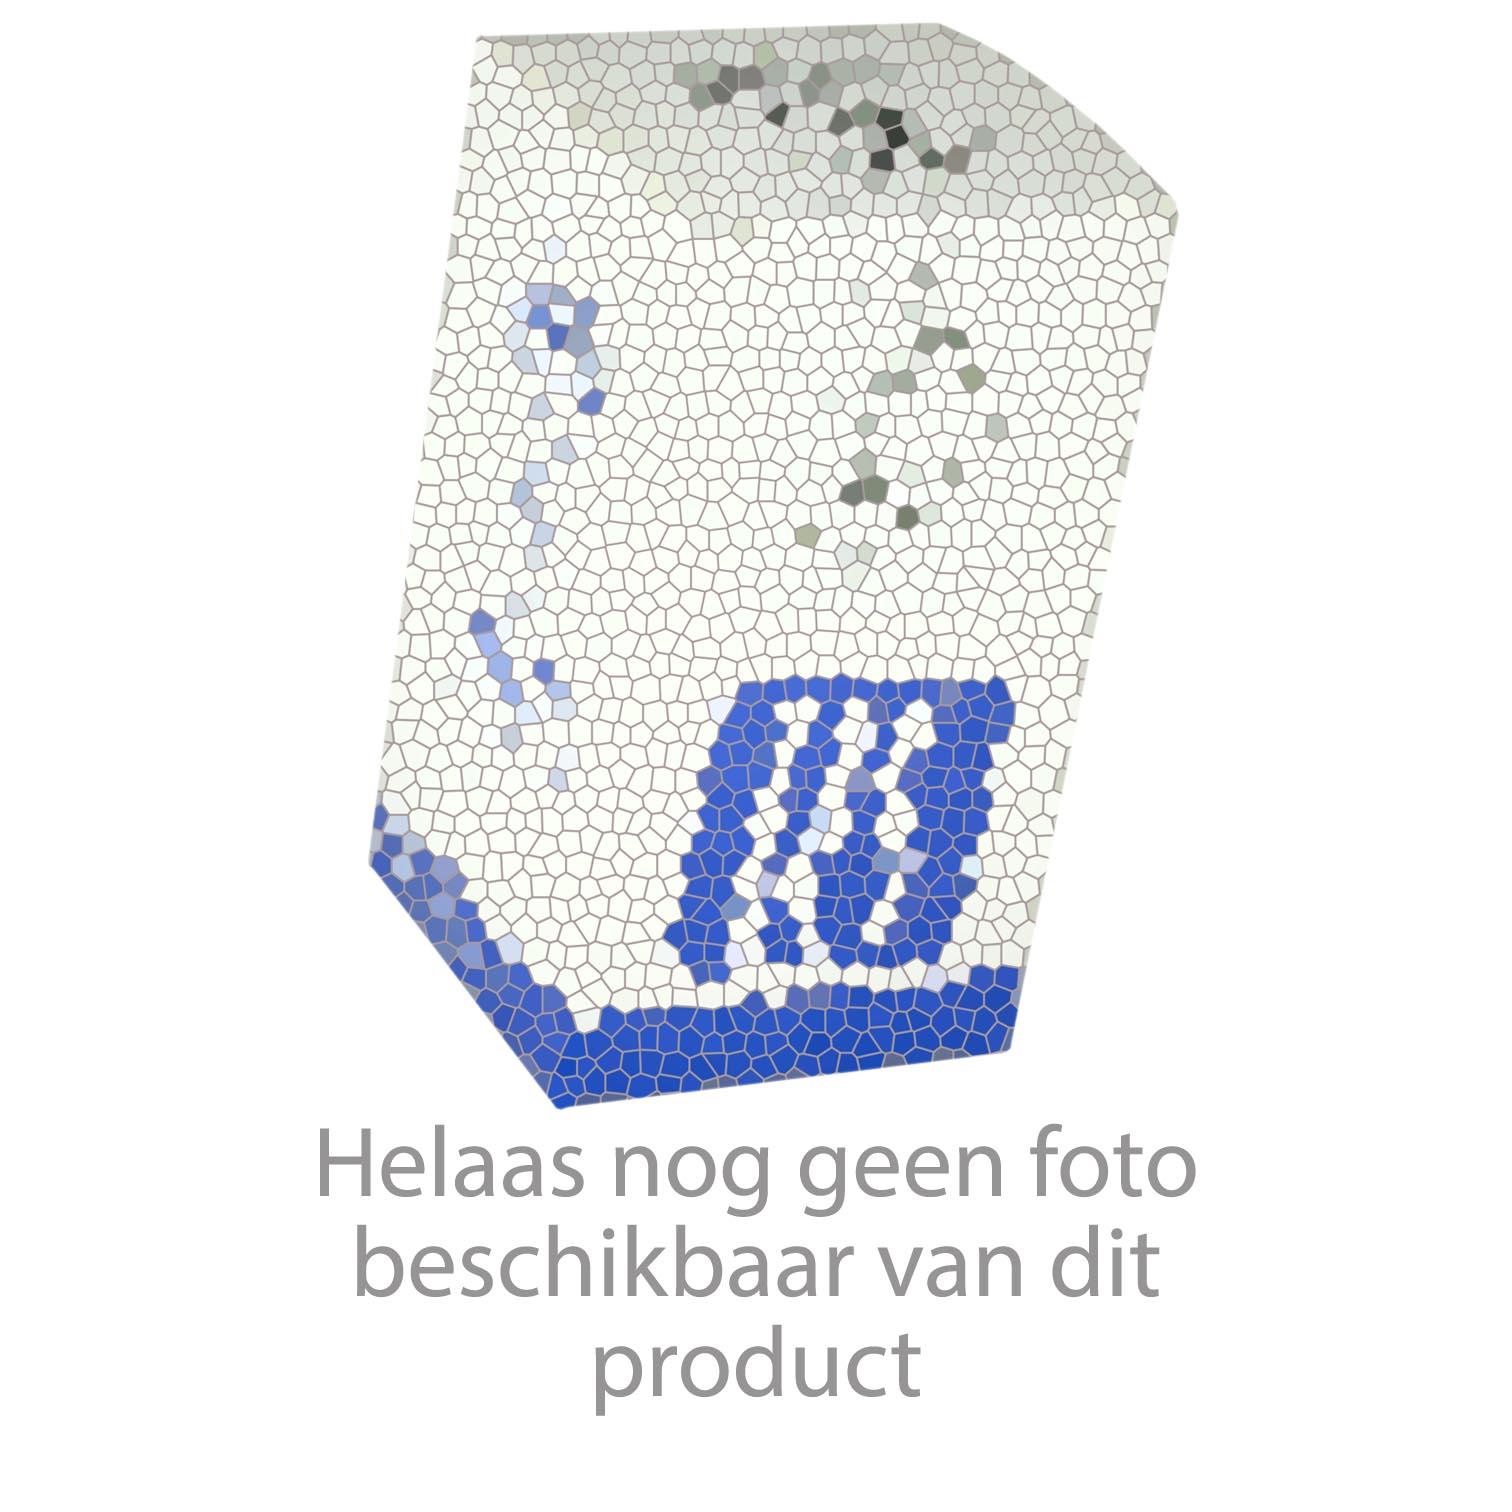 HansGrohe Keukenmengkranen Allegra Linea (Metropol) / Allegra Solida (Metris) productiejaar 07/94 - 10/96 14800 onderdelen